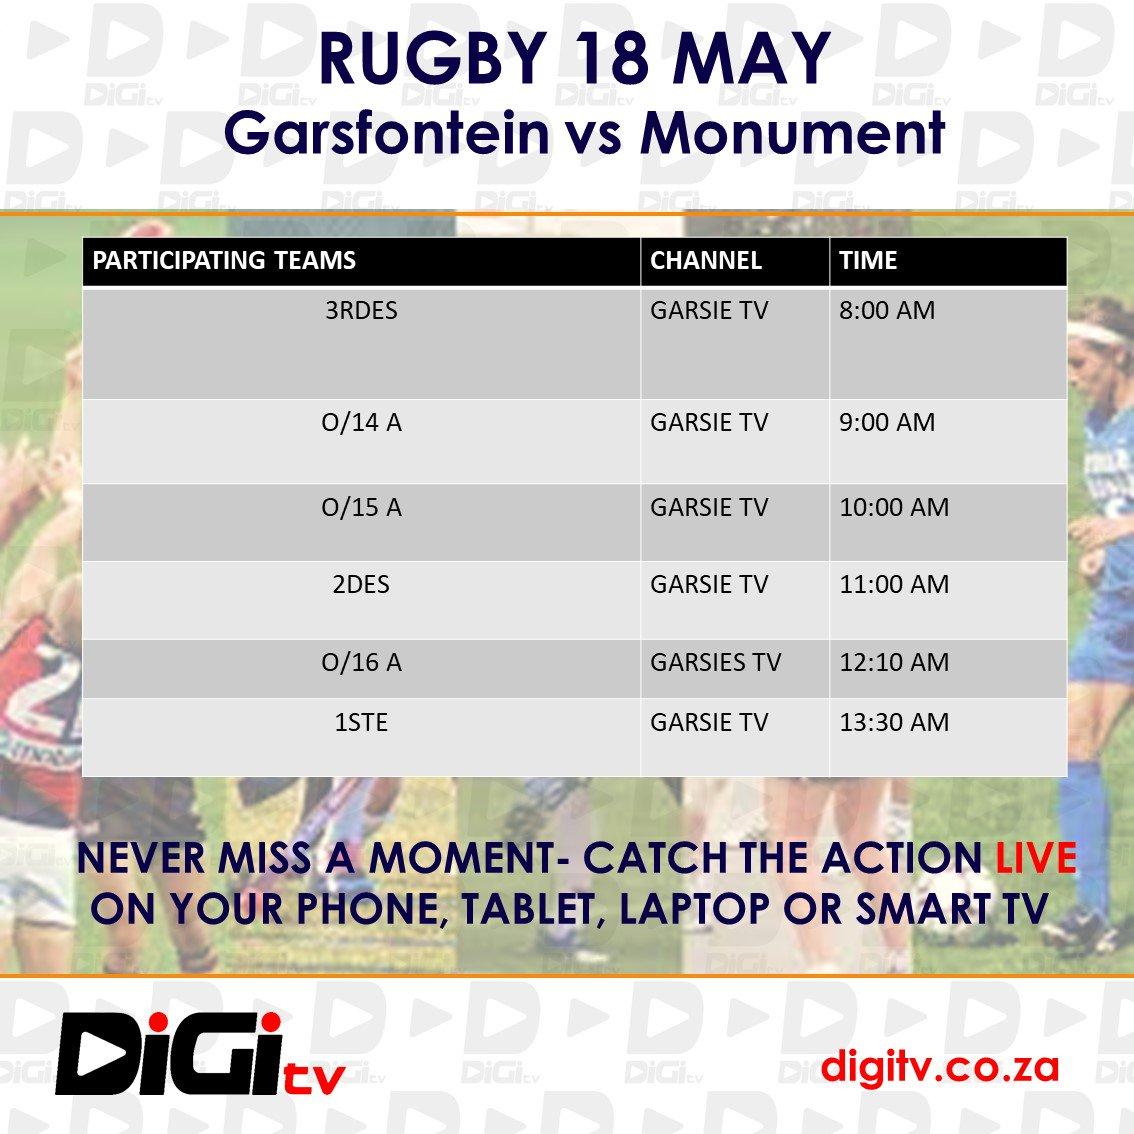 DigiTV on Twitter: